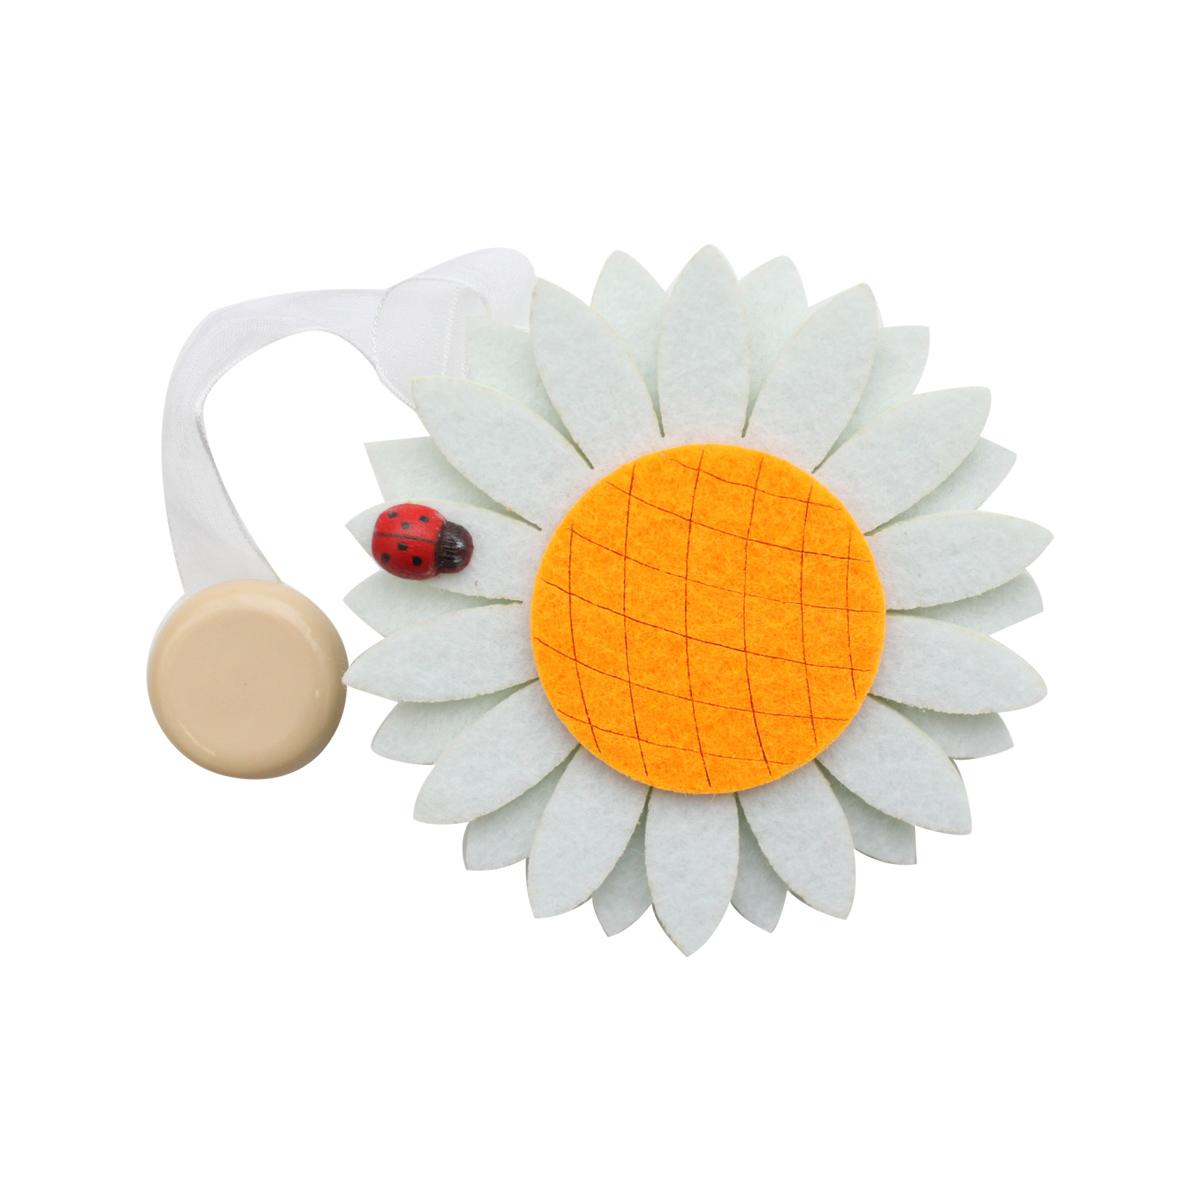 0368-0127 Клипса-магнит из фетра для штор 'ромашка' 'Астра'